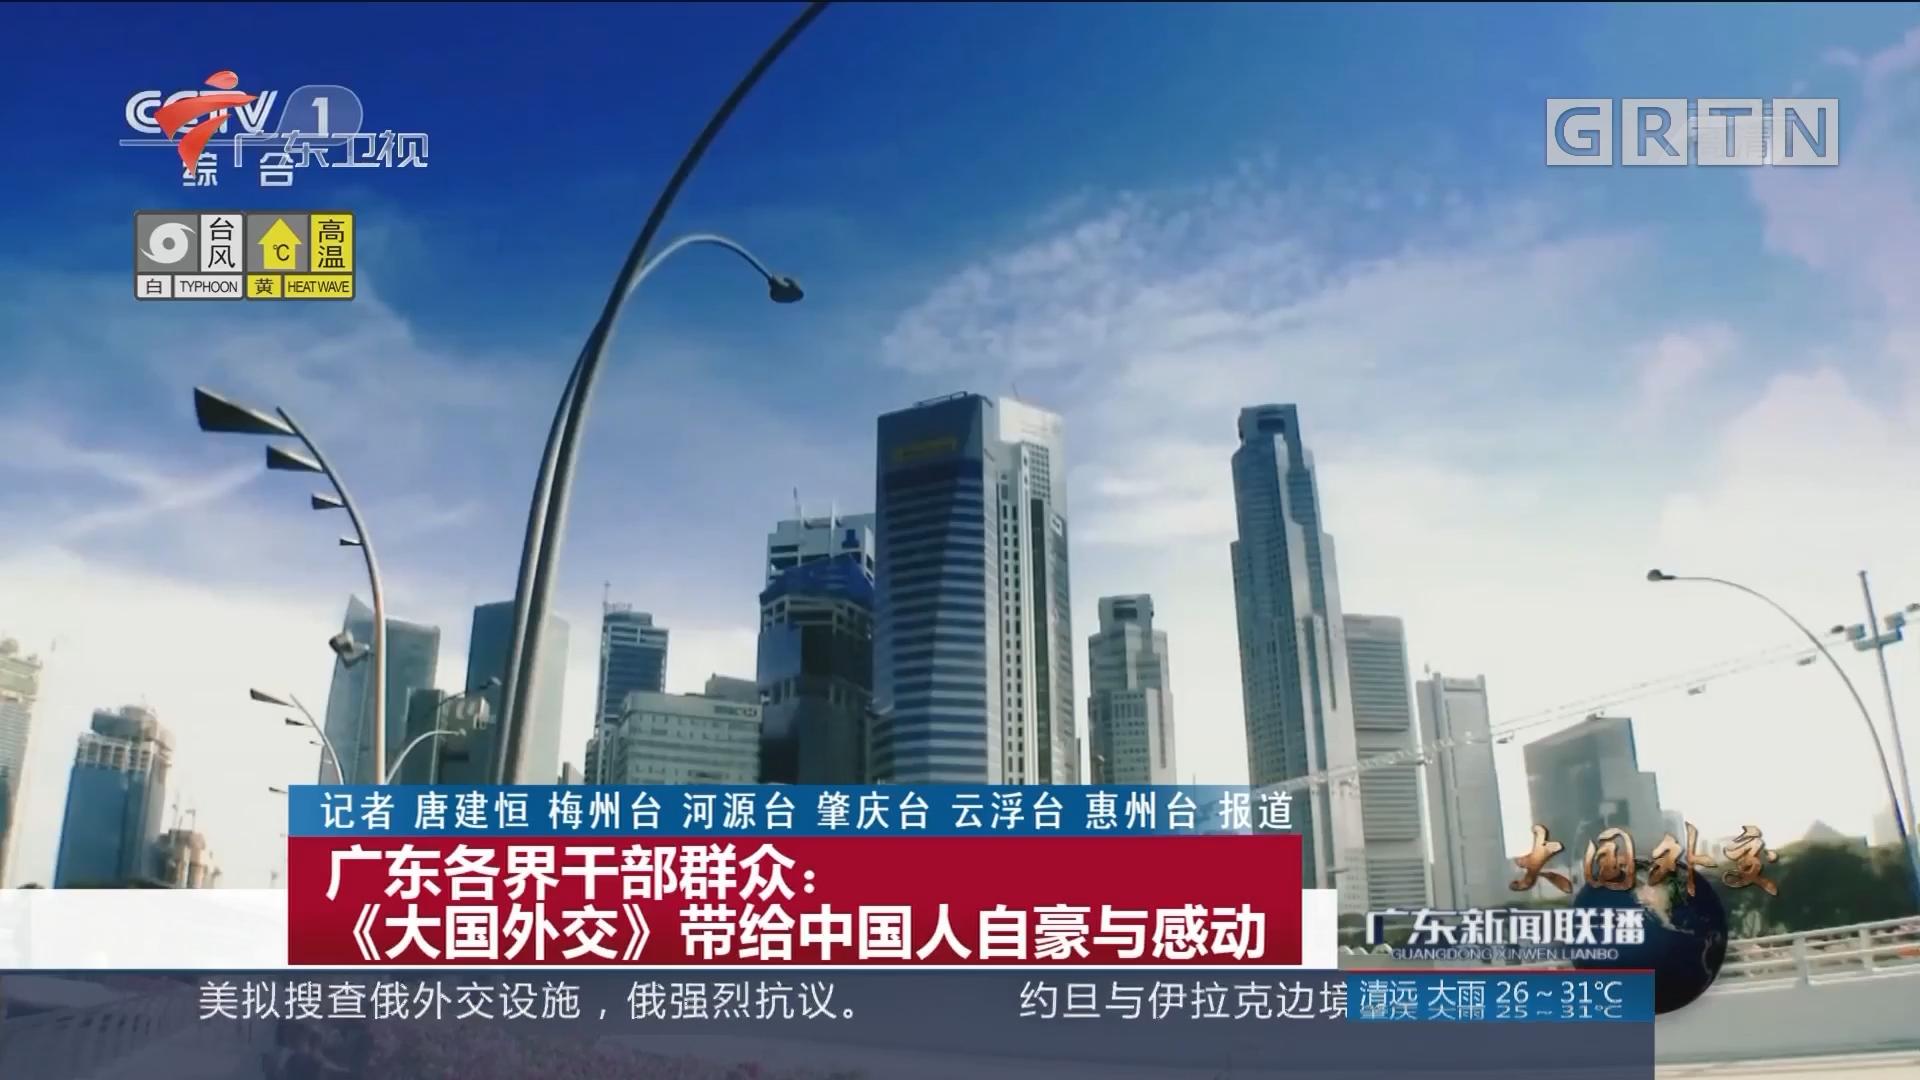 广东各界干部群众:《大国外交》带给中国人自豪与感动